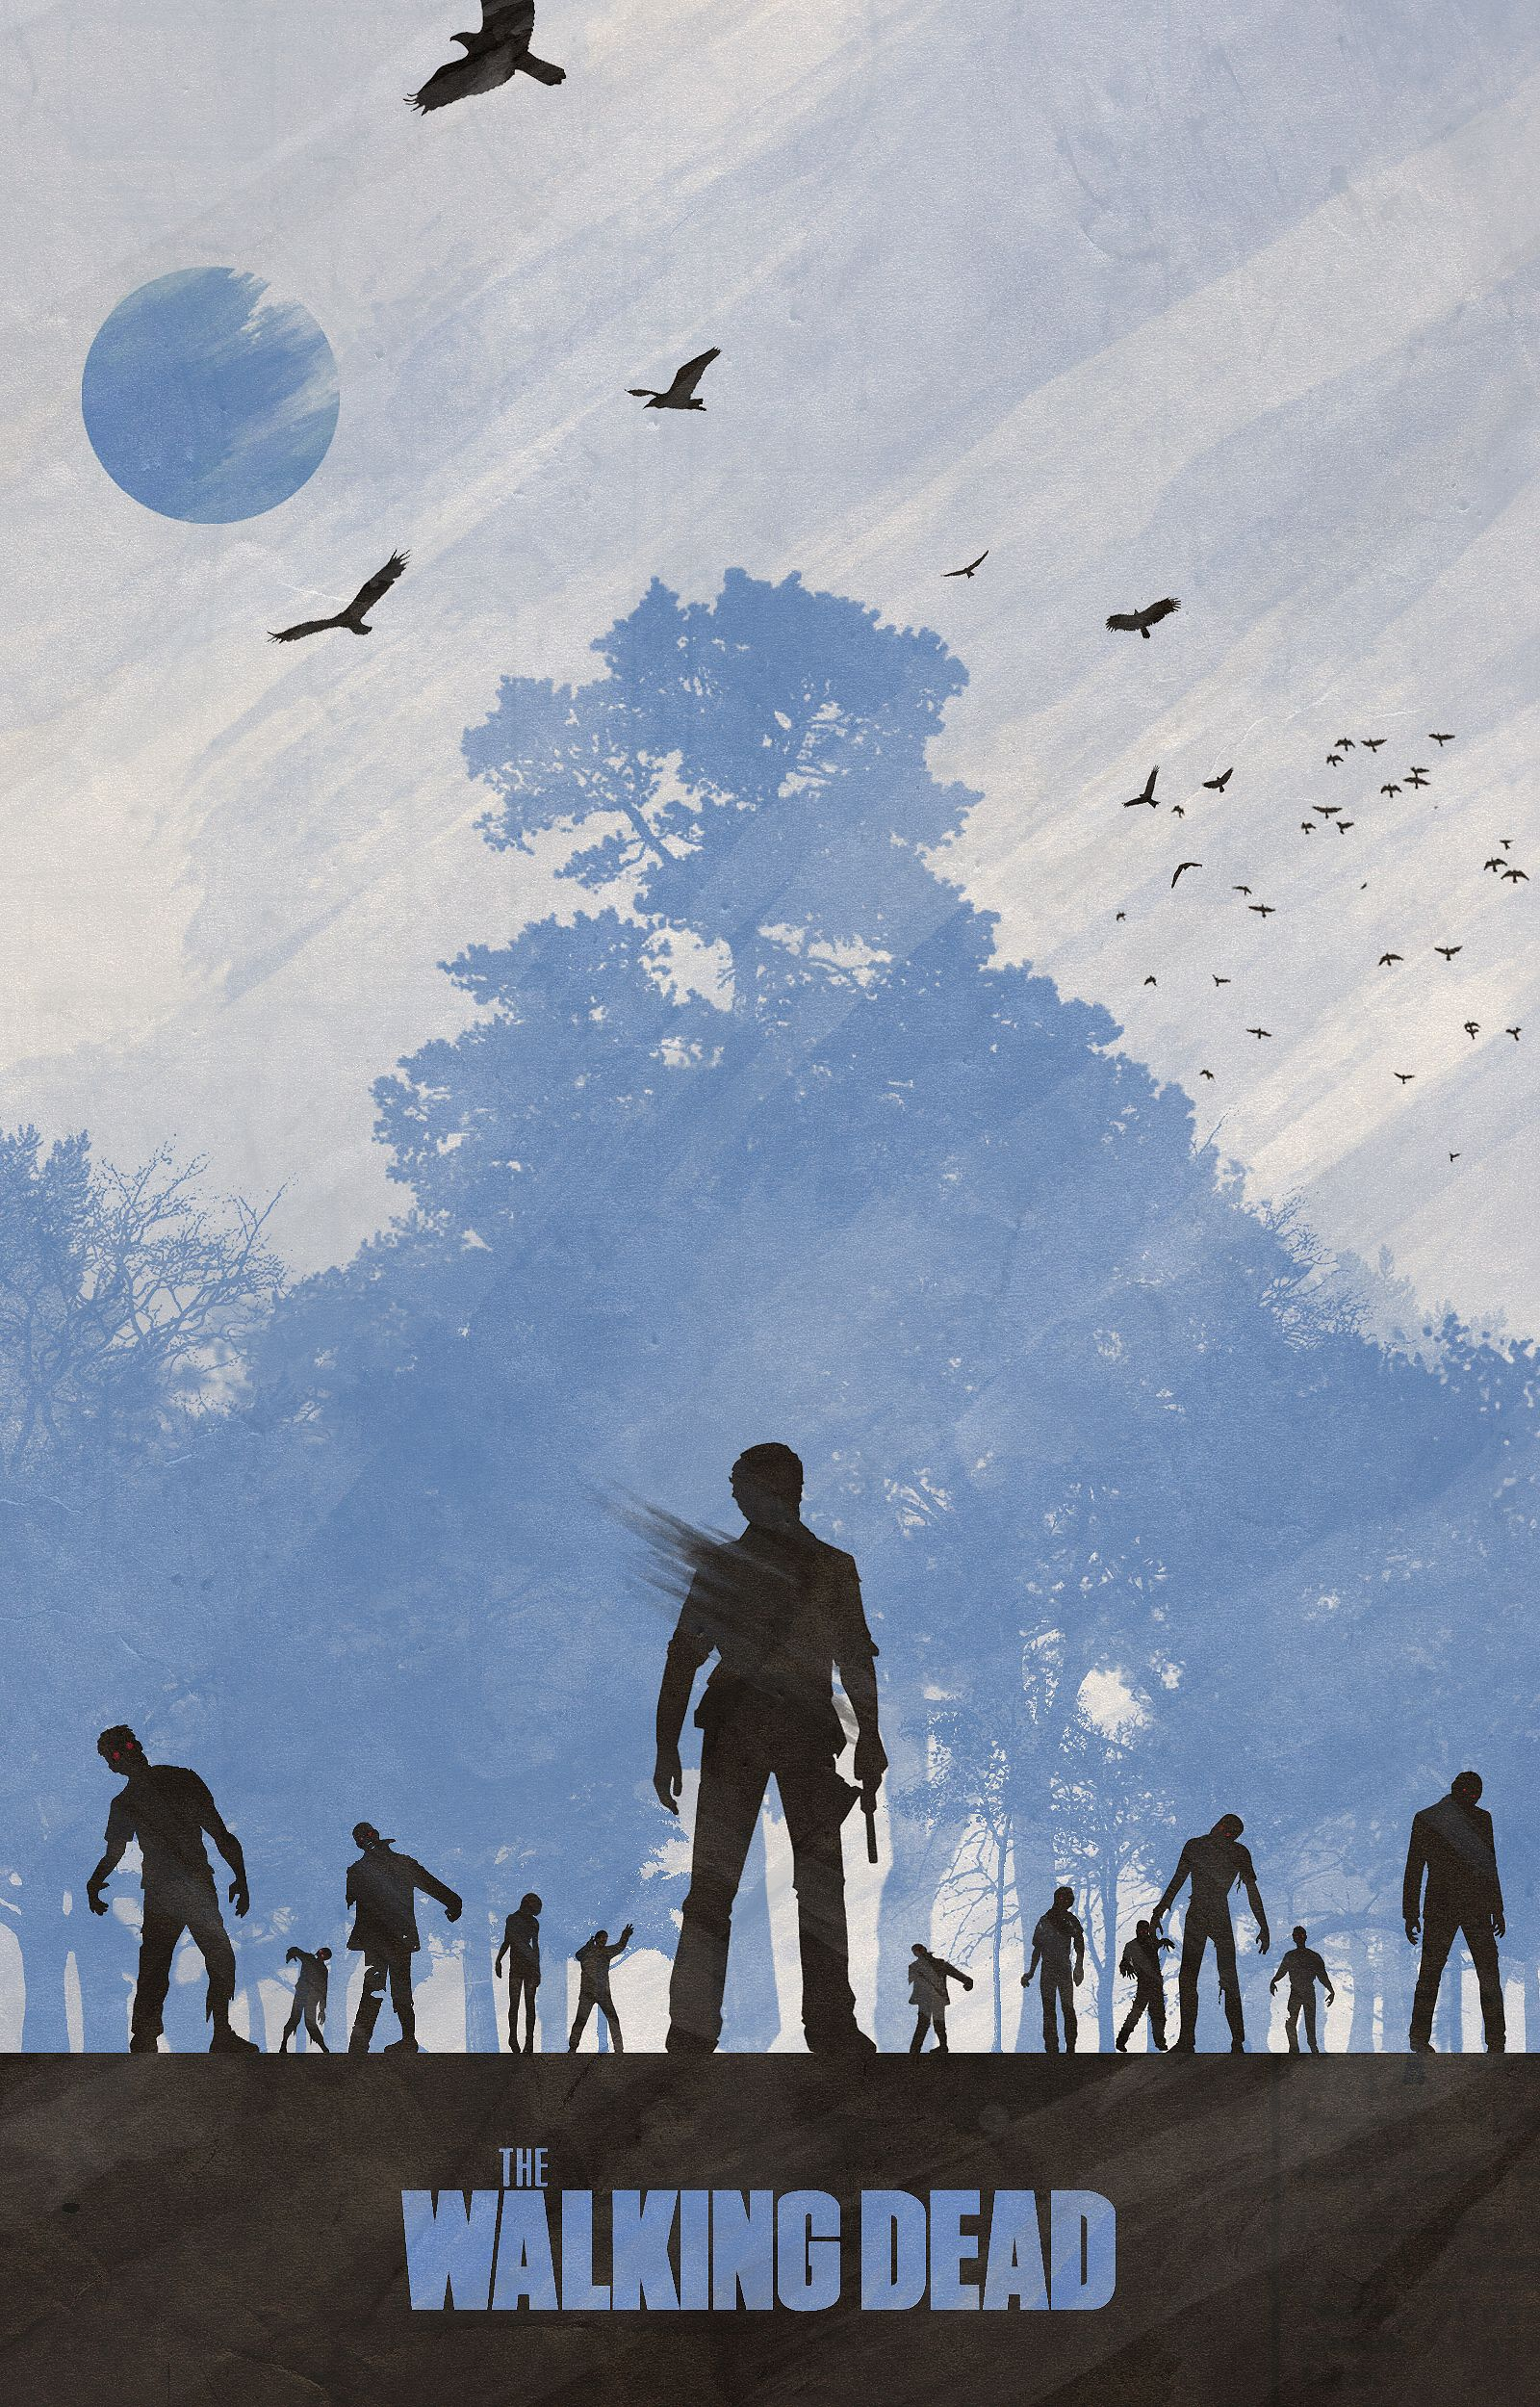 The Walking Dead Season 3 Poster Spy The Walking Dead Poster Walking Dead Season Walking Dead Art